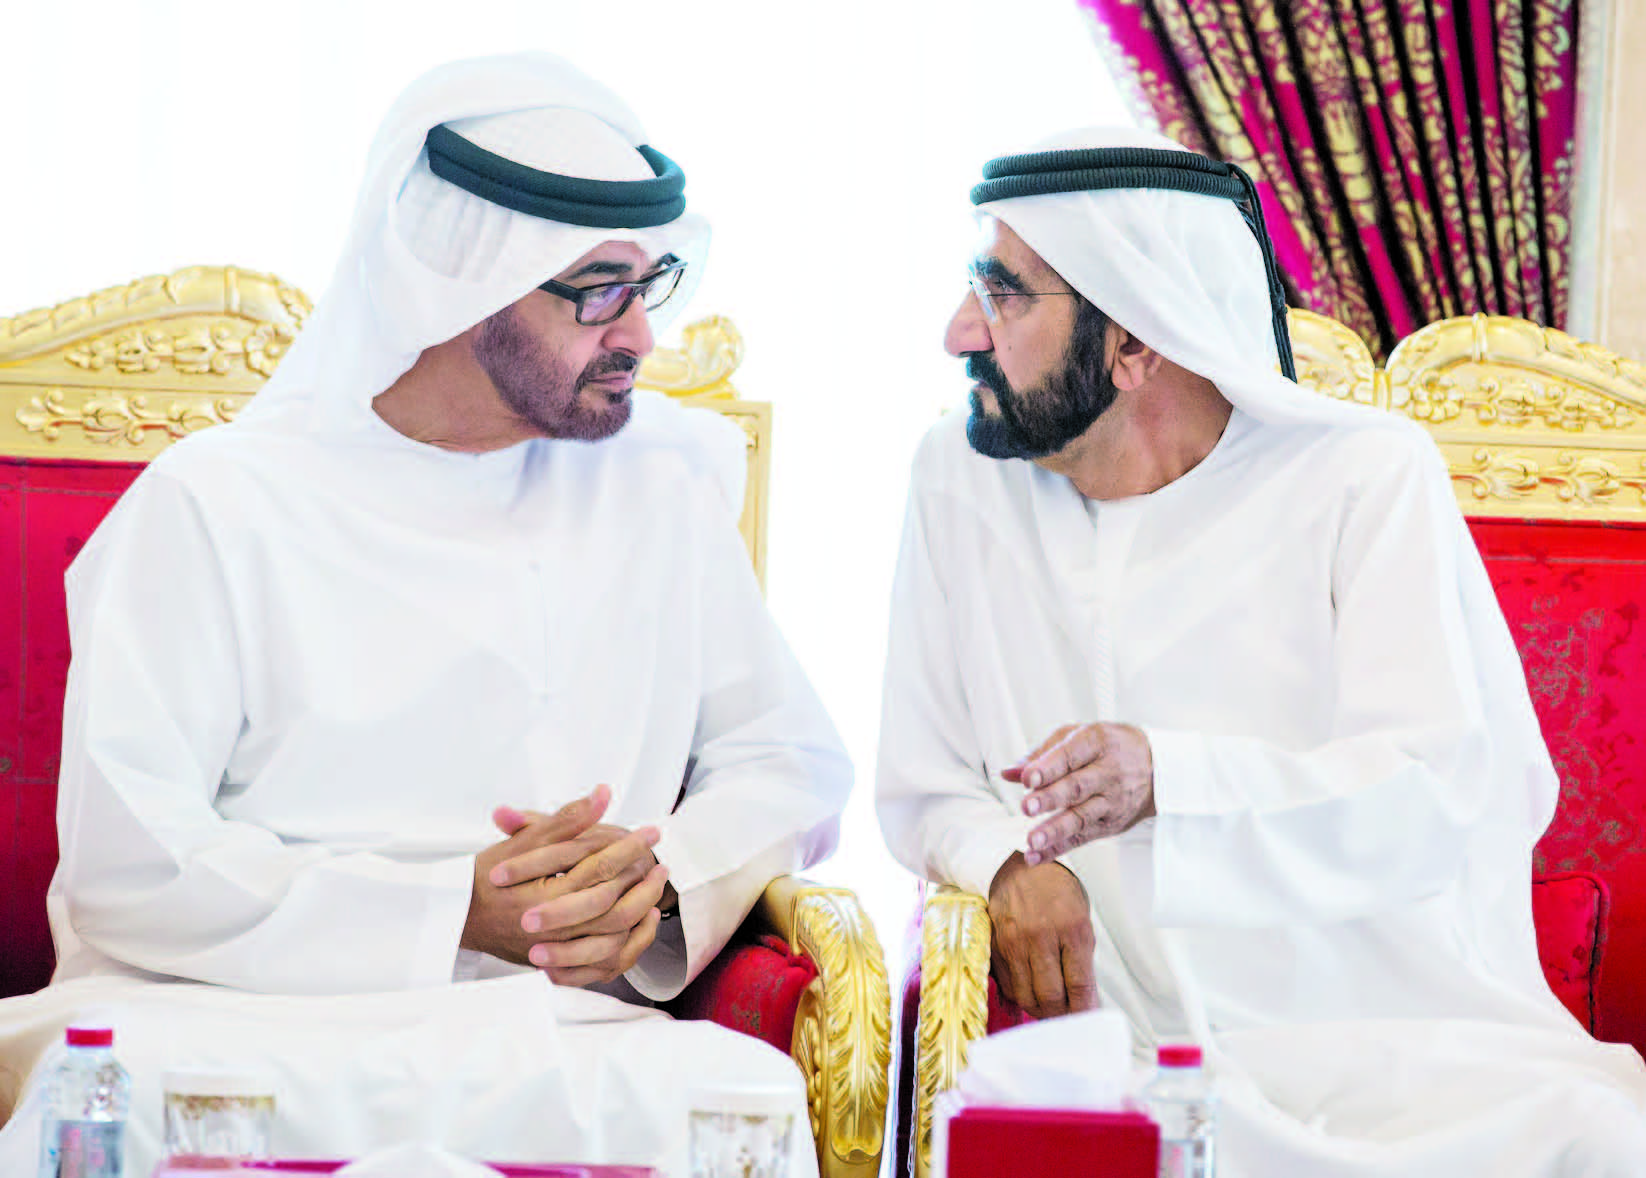 زاید بن راشد - اختلاف بن زاید و بن راشد؛ بحث داغ اماراتی ها!